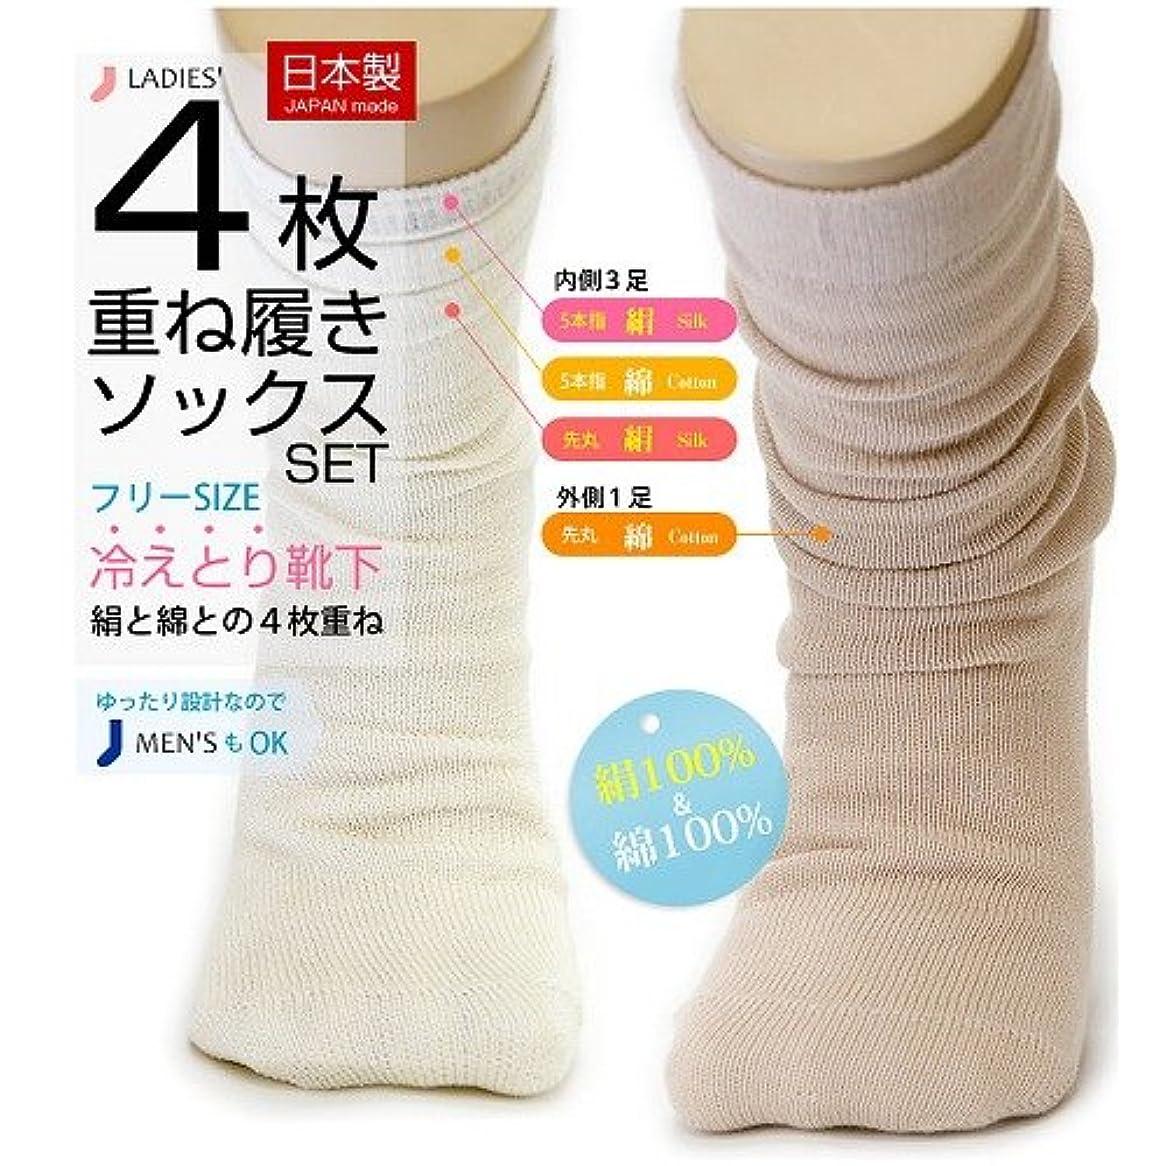 出会いトレース誓い冷え取り靴下 綿100%とシルク100% 最高級の日本製 4枚重ねばきセット(外側ライトグレー)